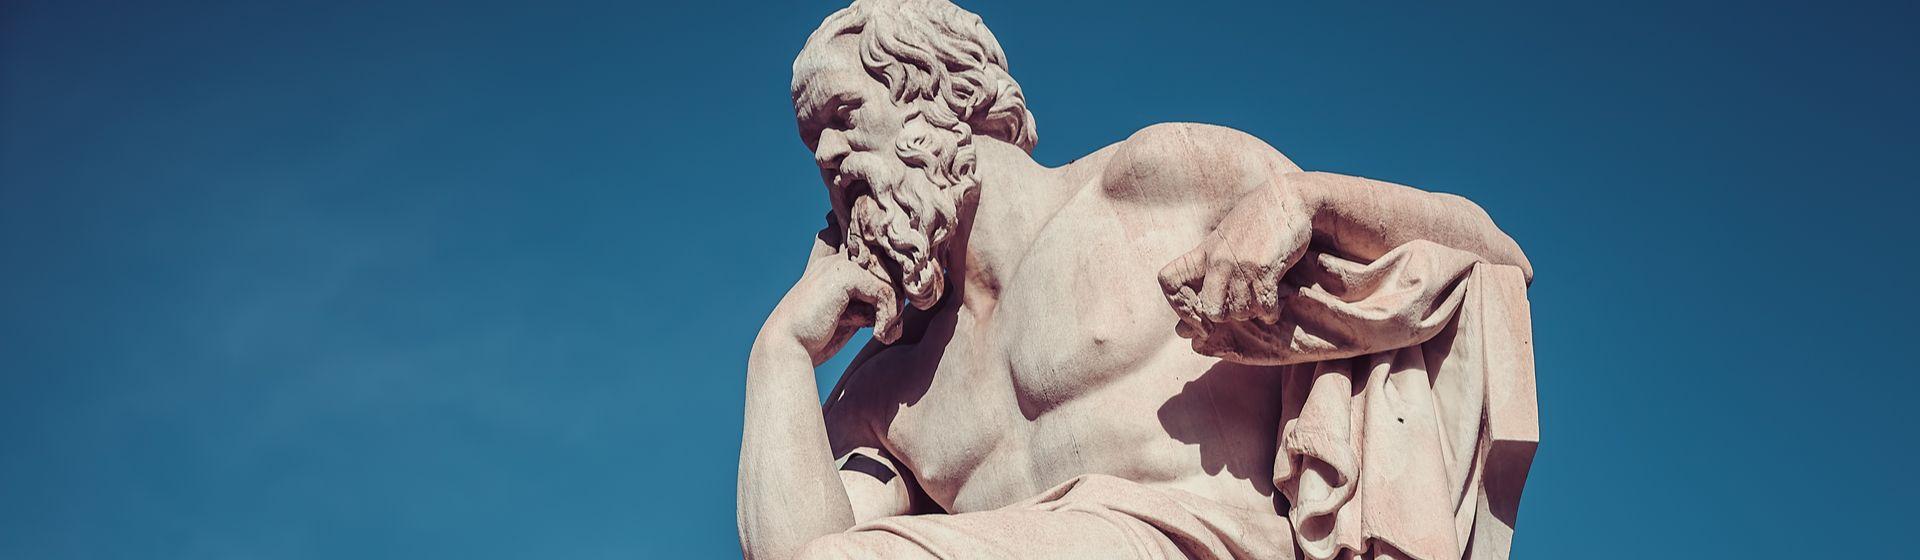 Livros de filosofia: conheça 10 das melhores obras já publicadas